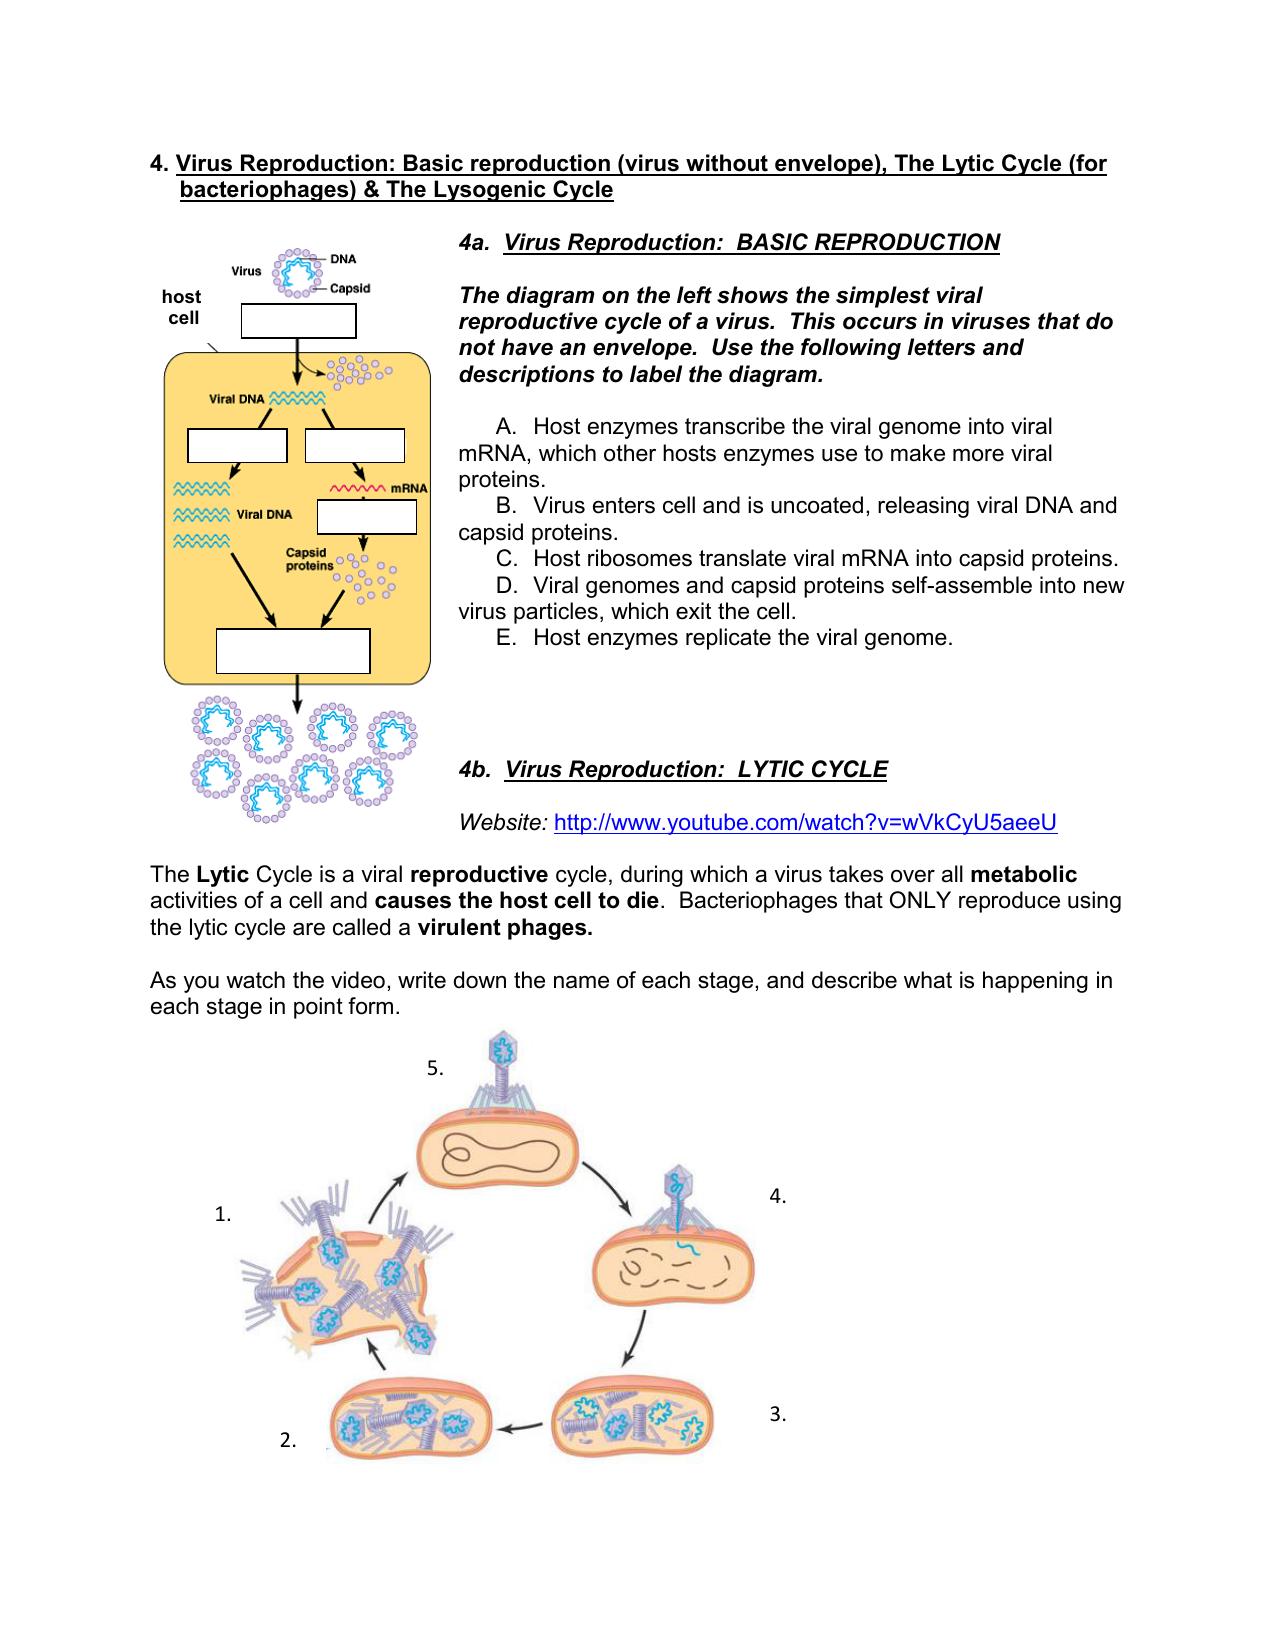 homework 20.1 viruses